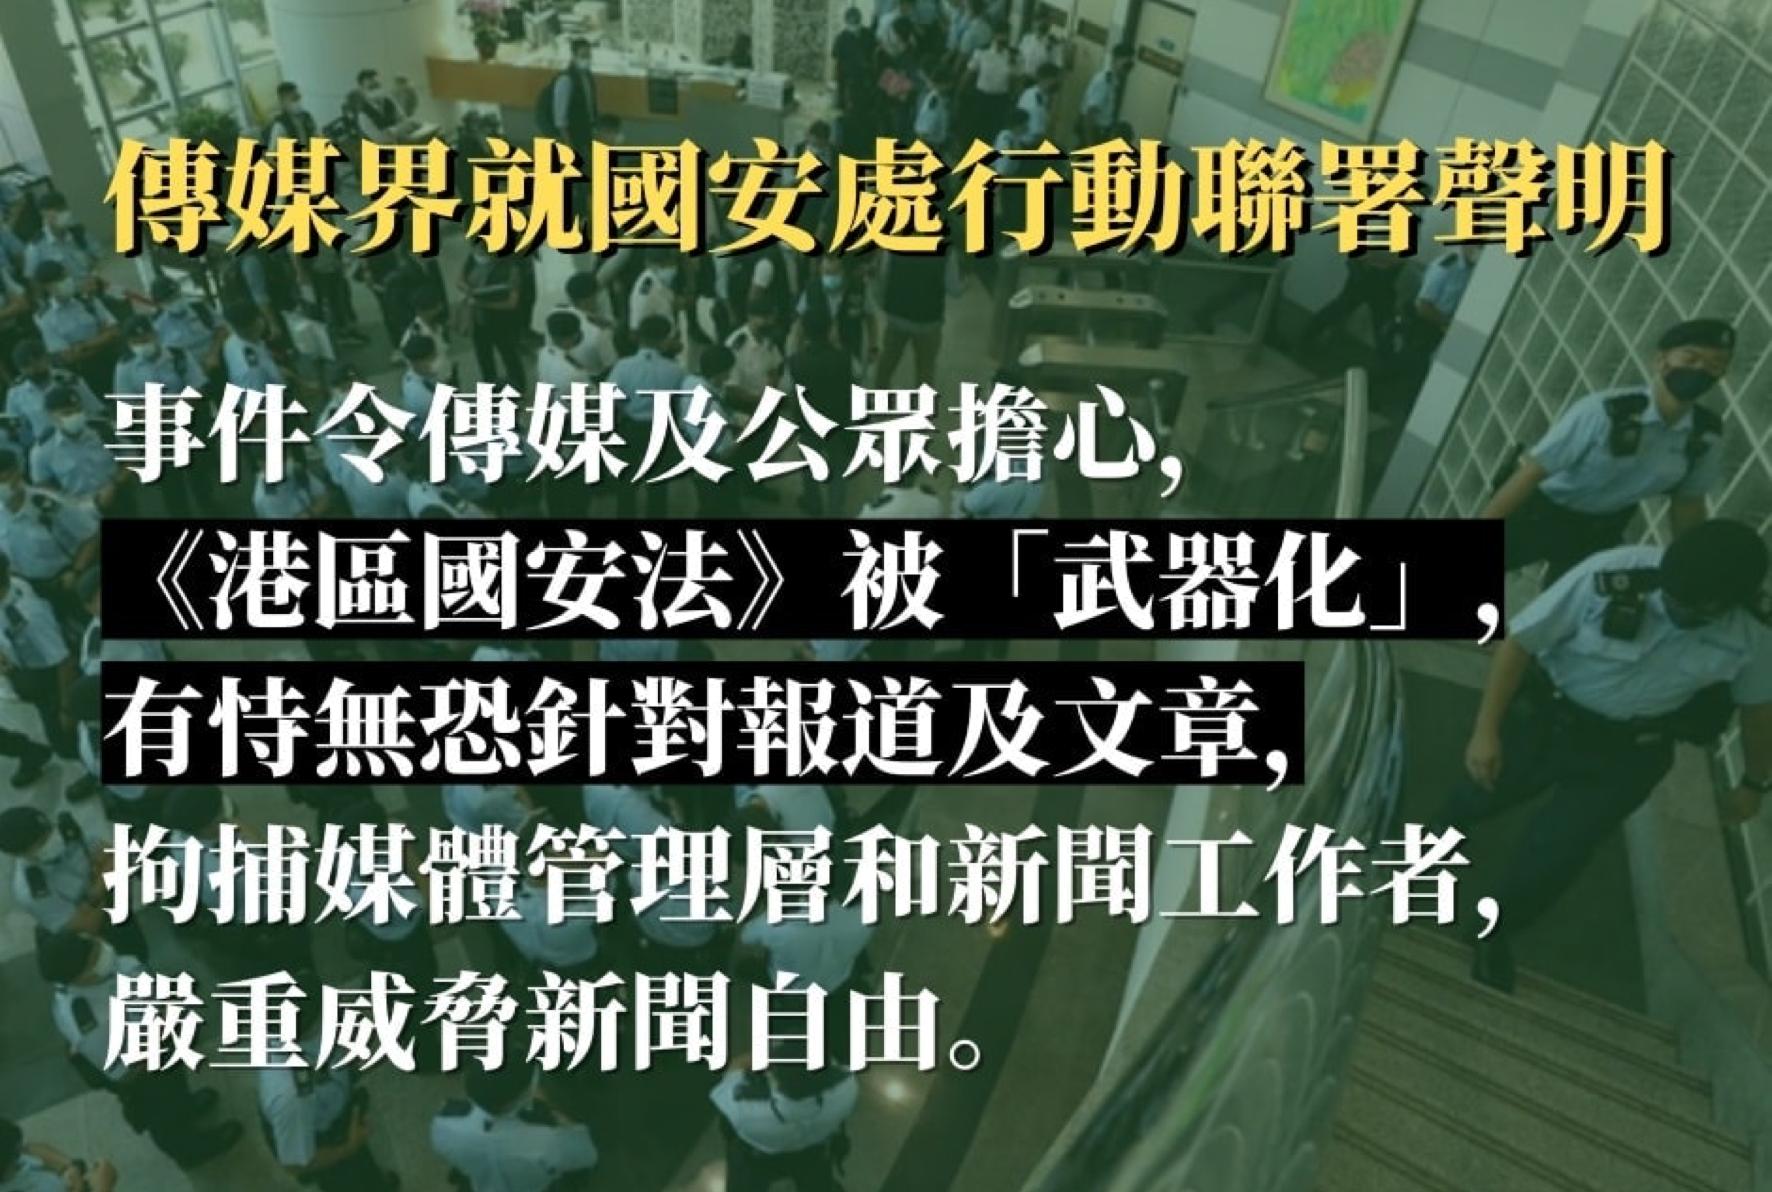 8個傳媒工會組織今(17日)發起聯署表示,事件令傳媒及公眾擔心「港版國安法」被「武器化」,批評警方的拘捕行動已對新聞自由構成嚴重威脅。(香港記者協會 Facebook)